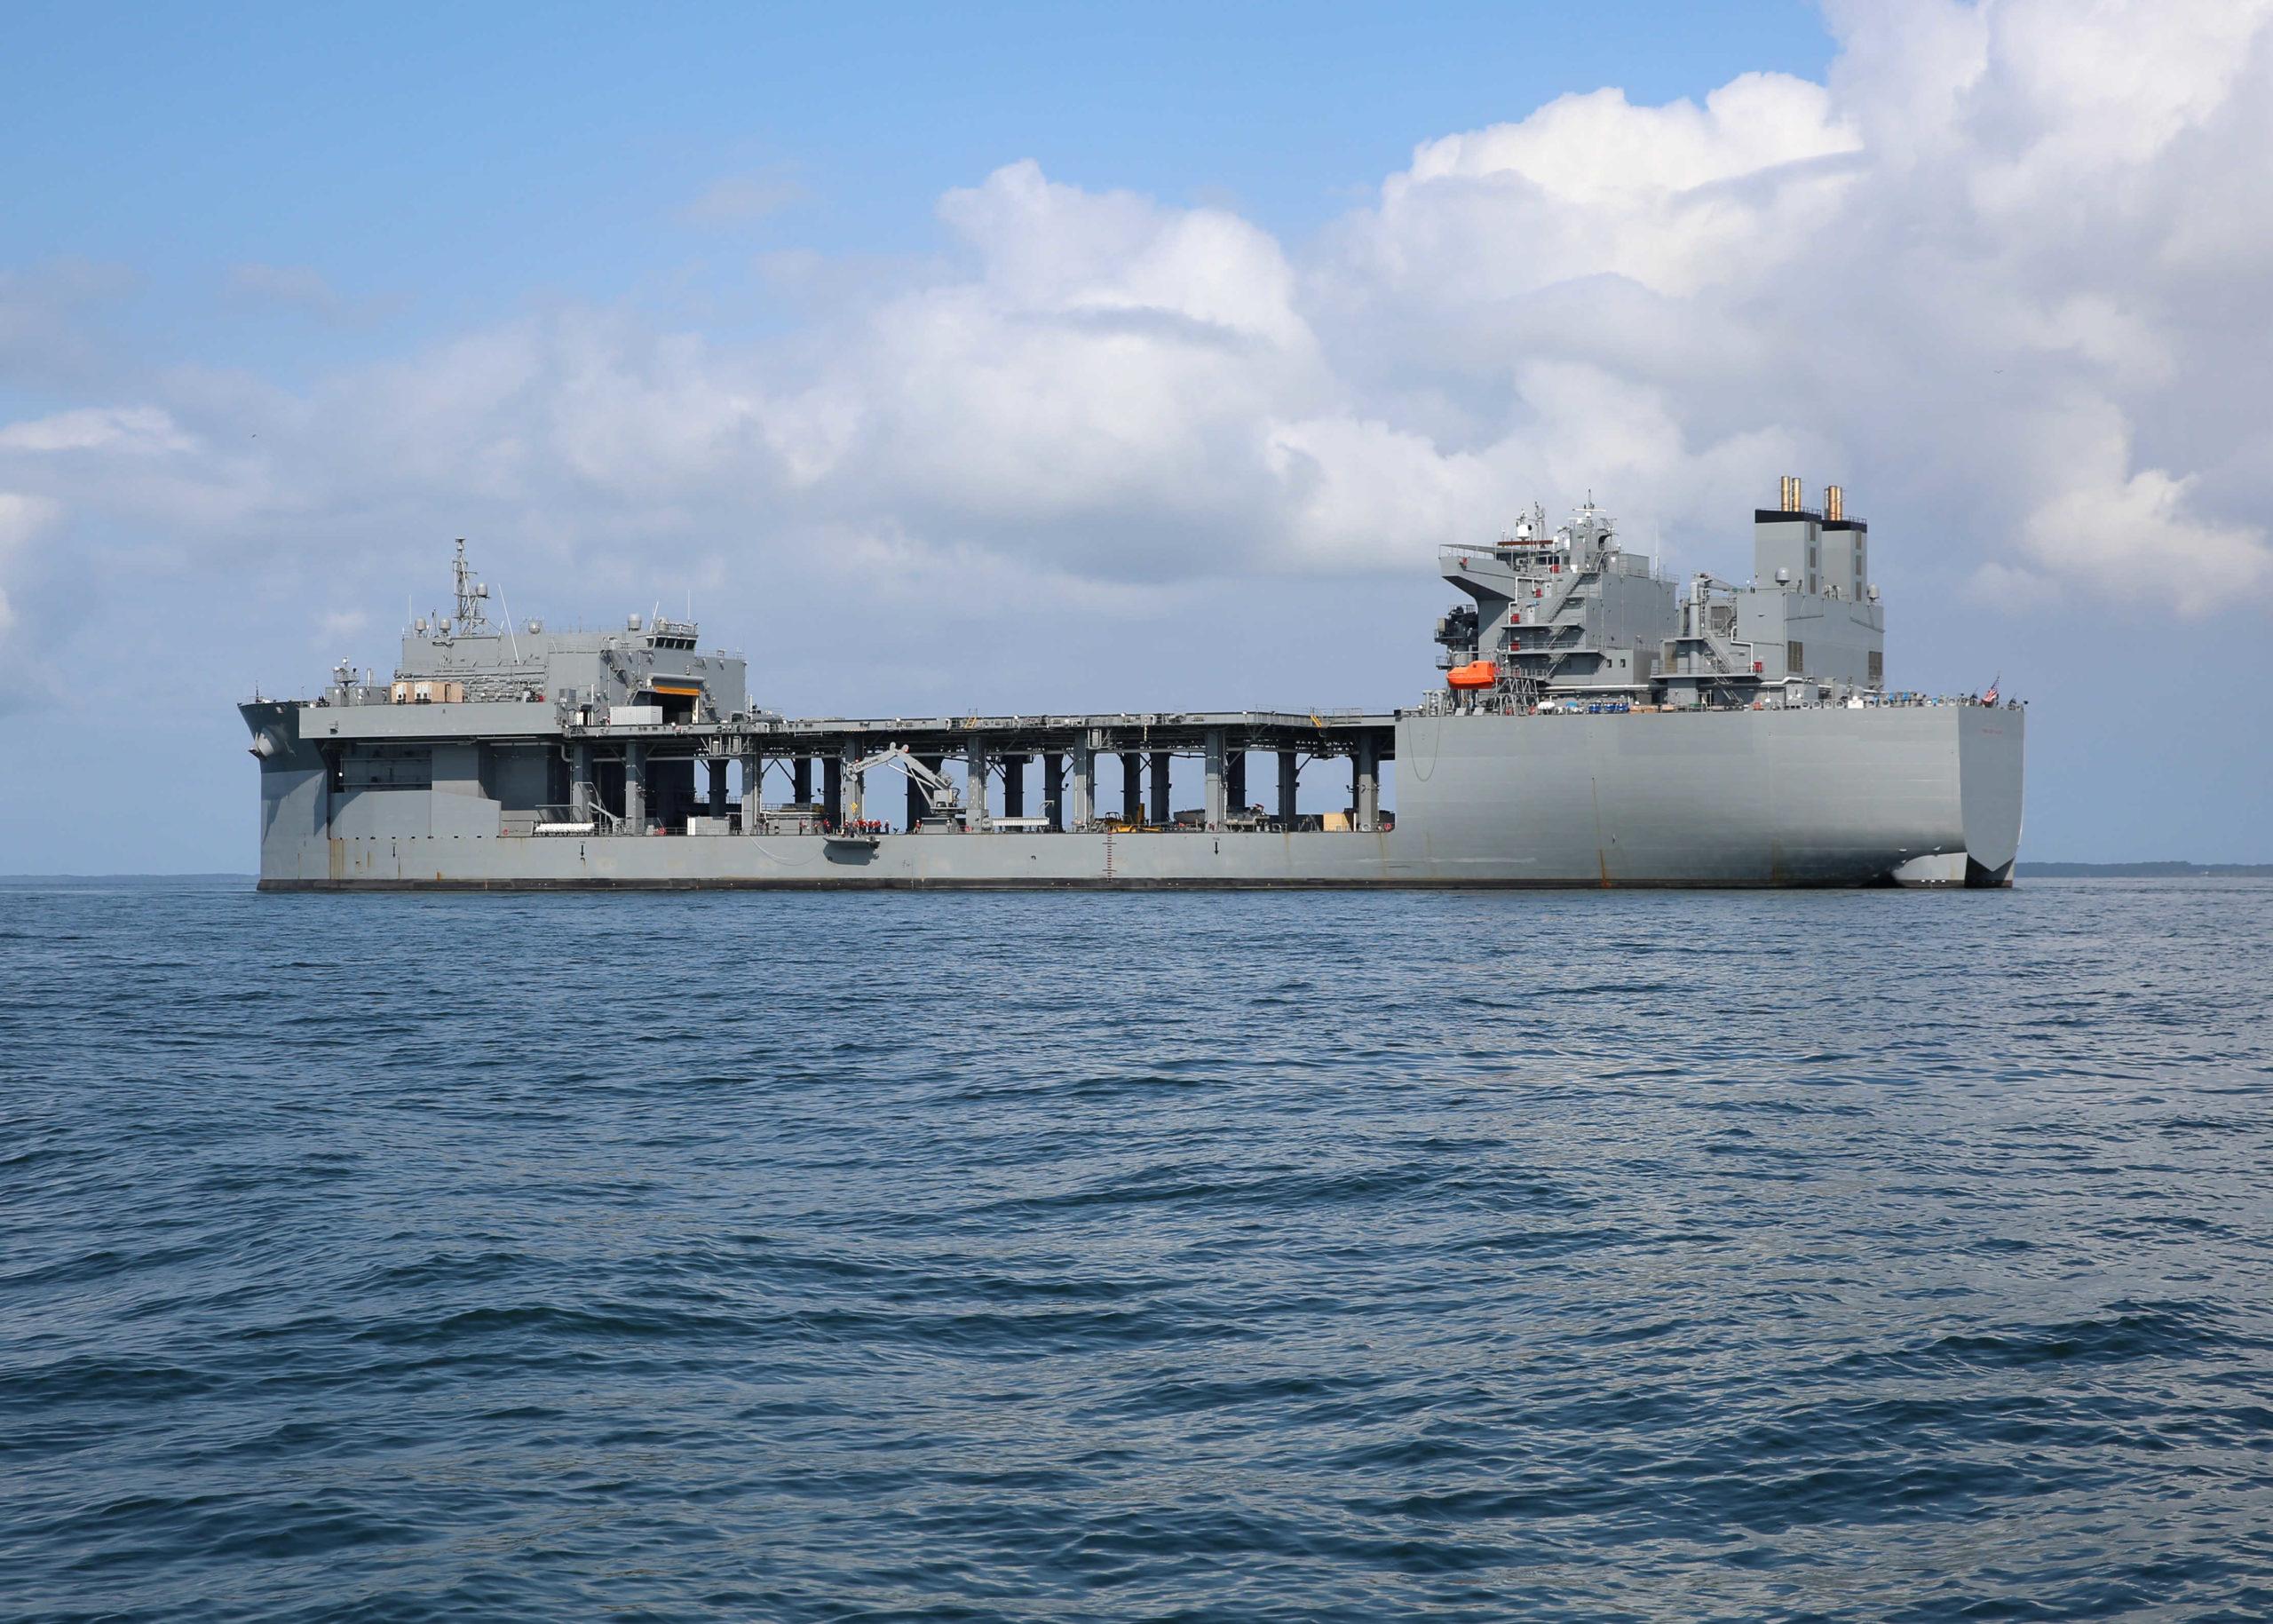 السفينة الحربية الأمريكية ويليامز هيرشيل وودي (موقع الحرة)